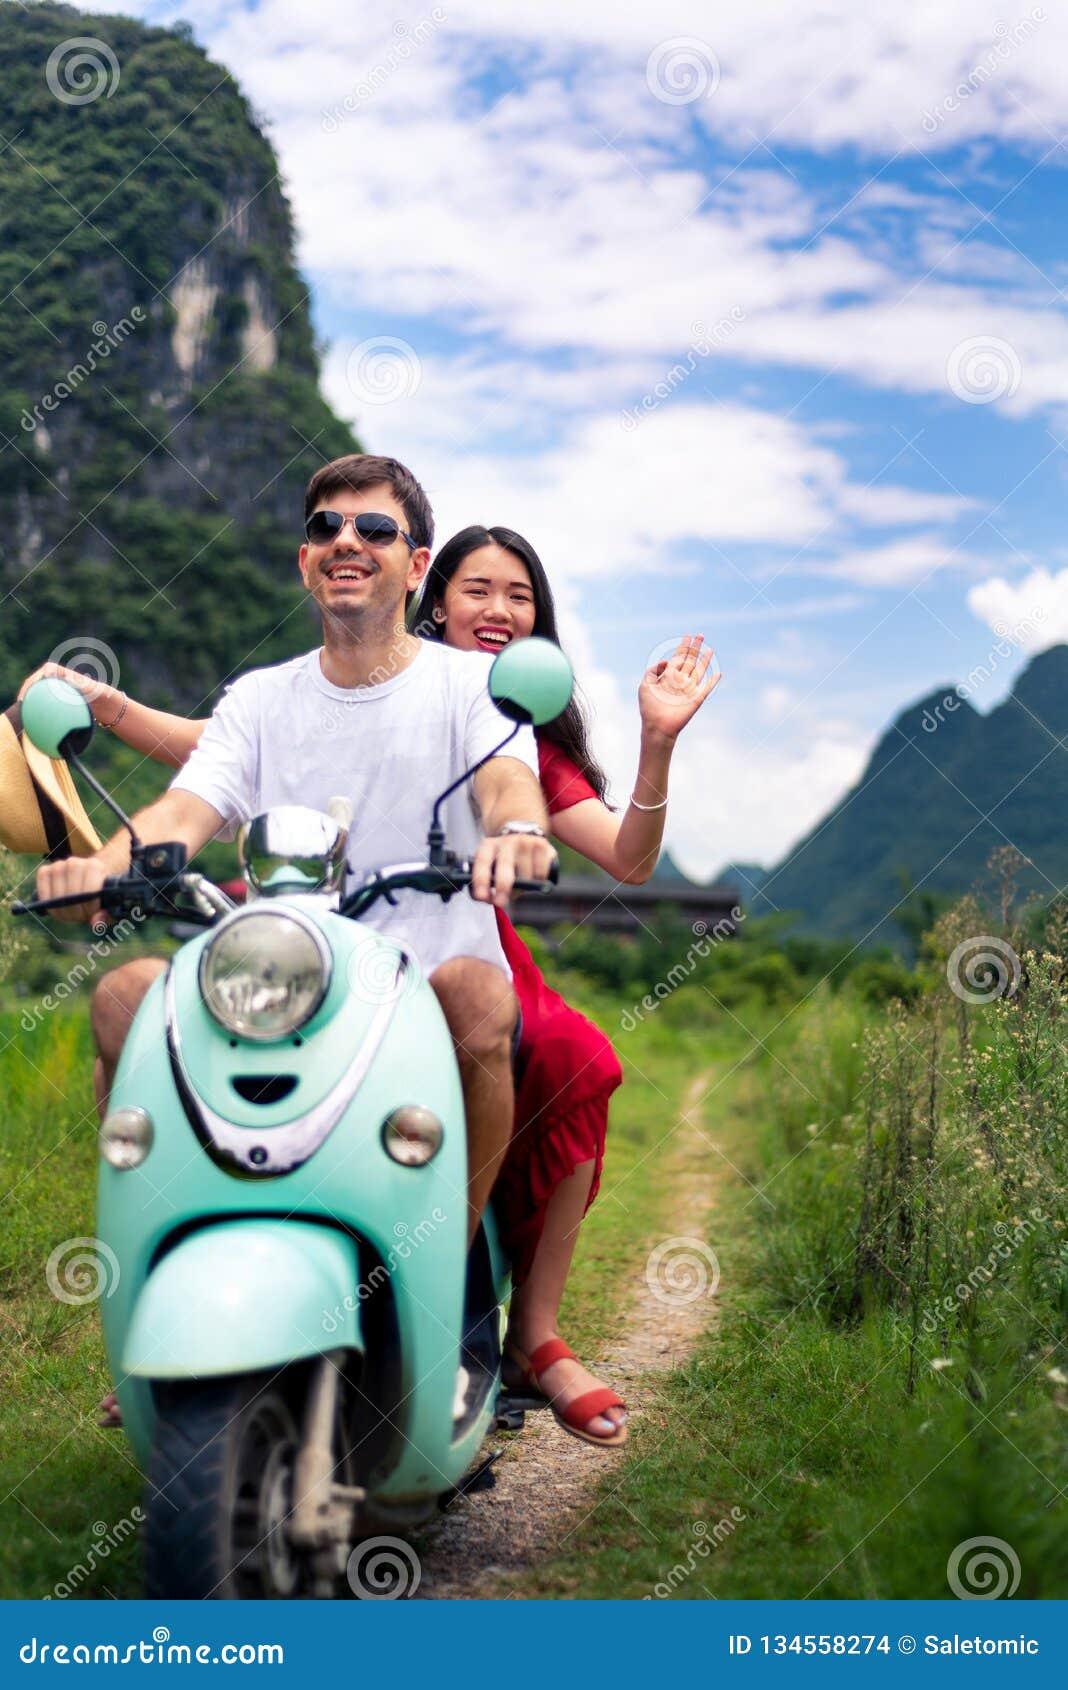 Couple having fun on motorbike around rice fields in China